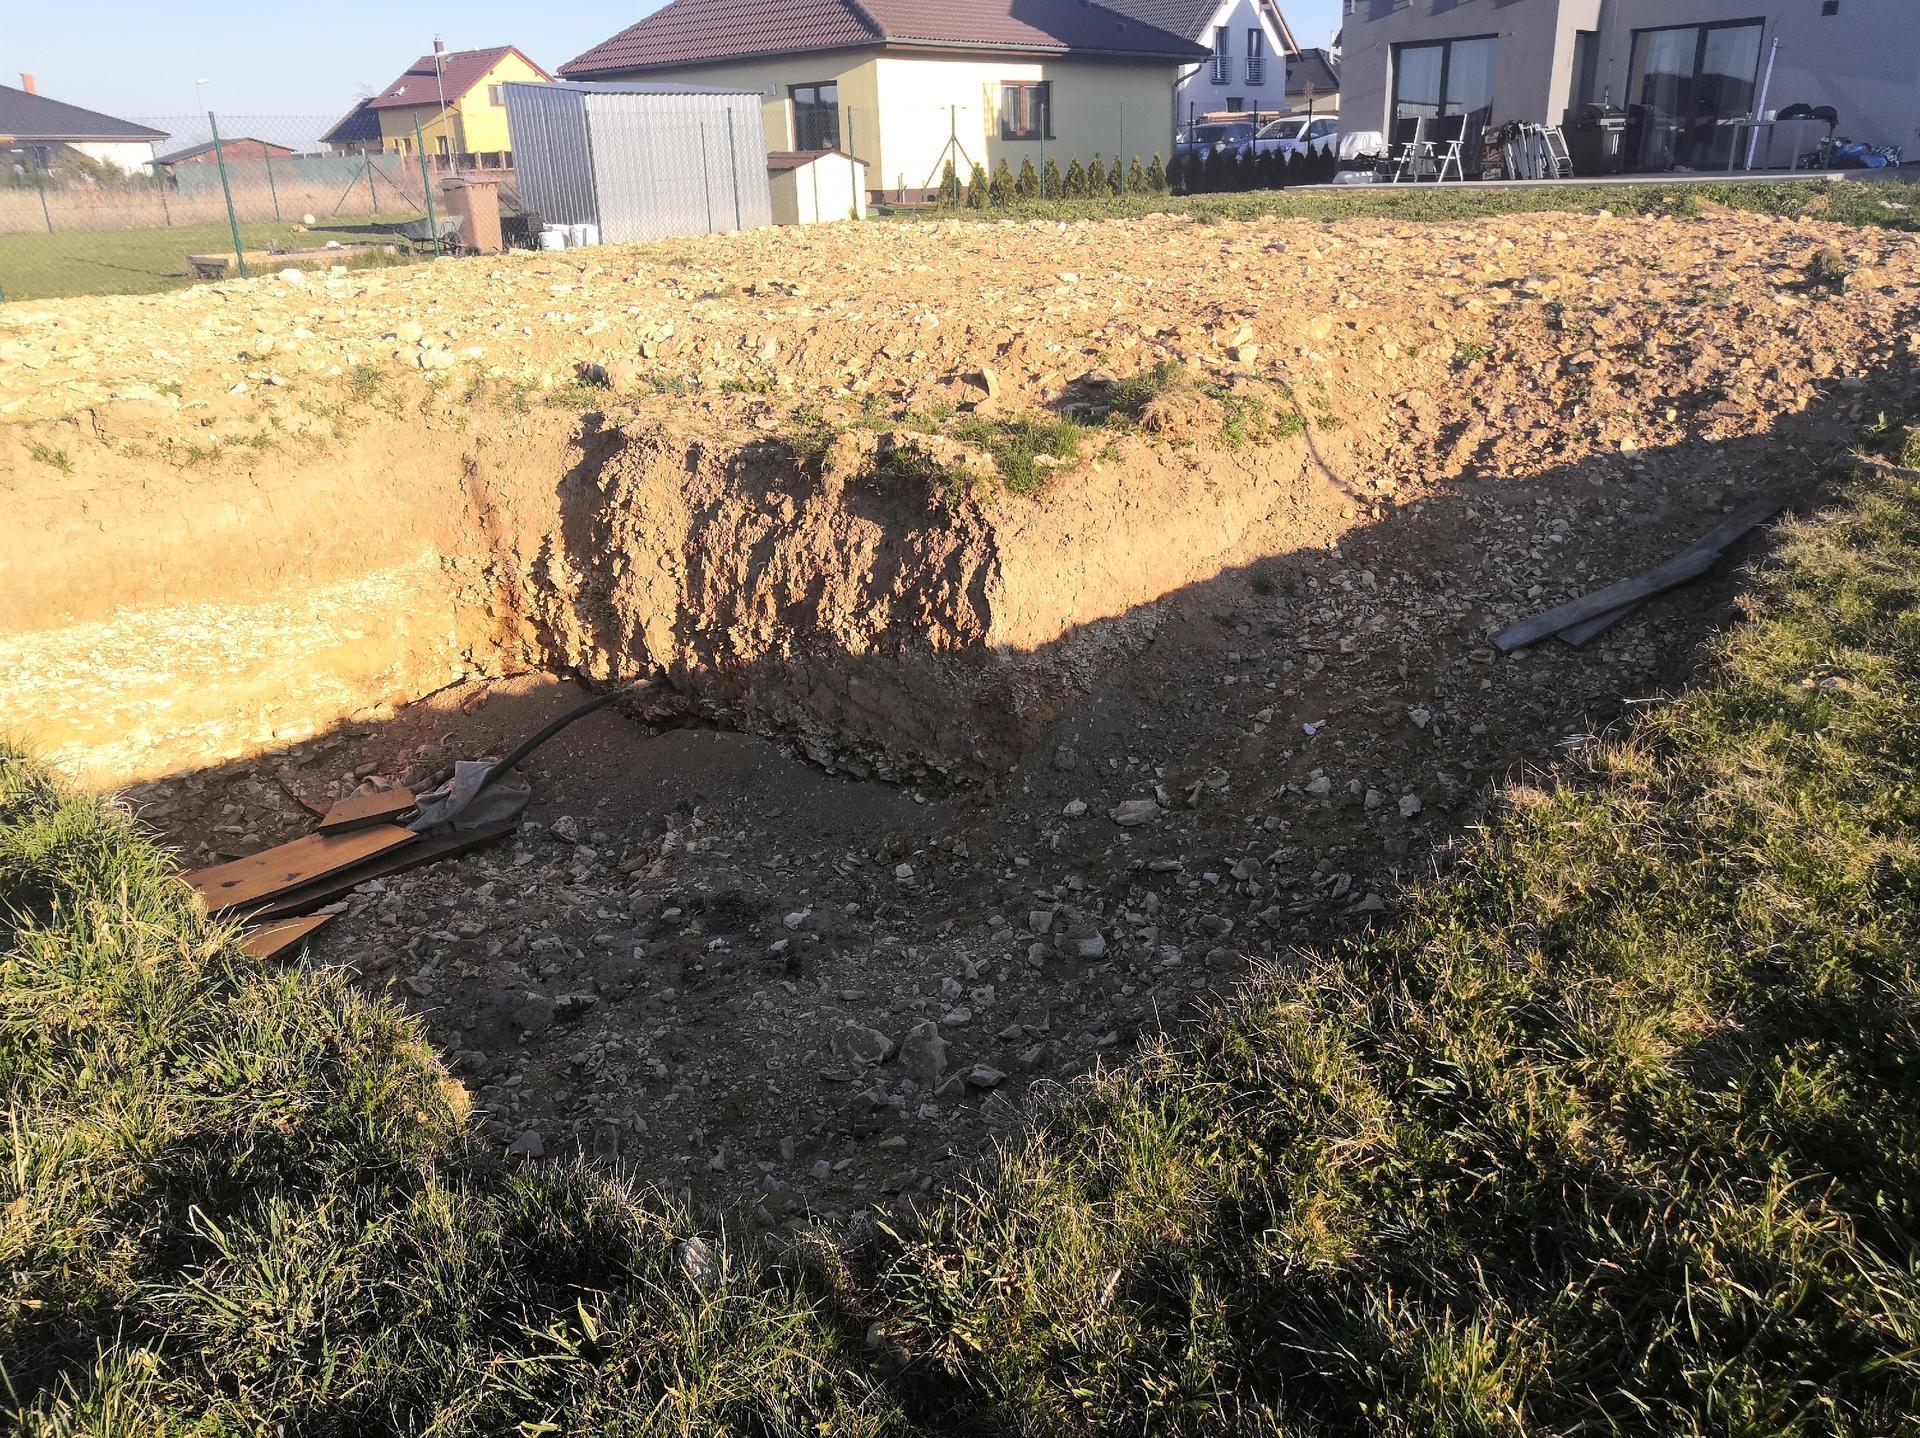 Zahrada na klíč - Vykopaná díra na bio bazén již připravena. Kopání probíhalo náhodně, dle naše budoucího plánu, ještě před celým návrhem zahrady. Plán zahrady se pak přizpůsoboval již vykopané jámě.